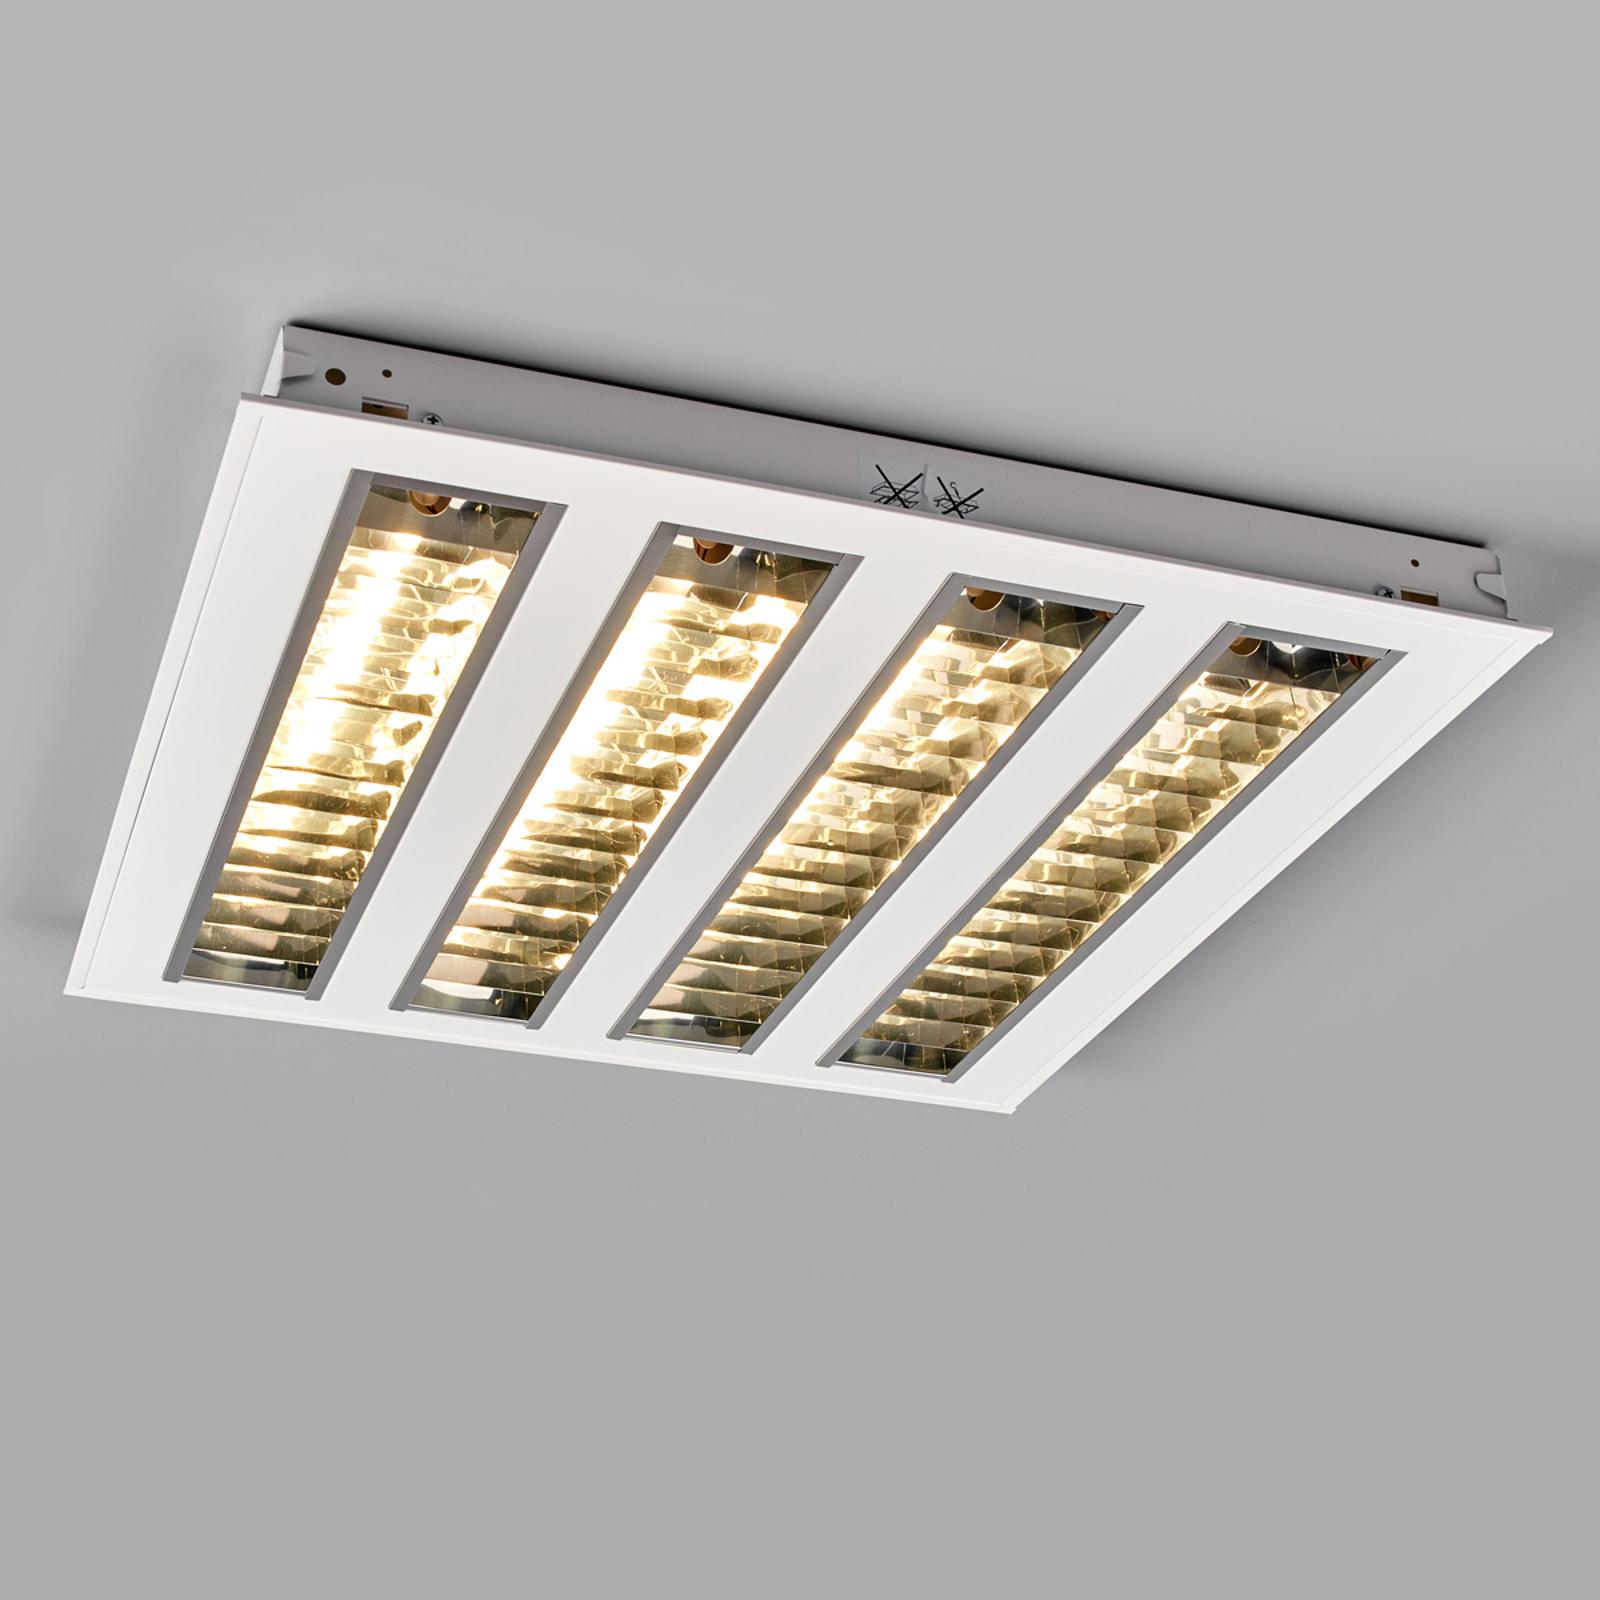 LED rastrové světlo se čtyřmi mřížkami, 4 000 K